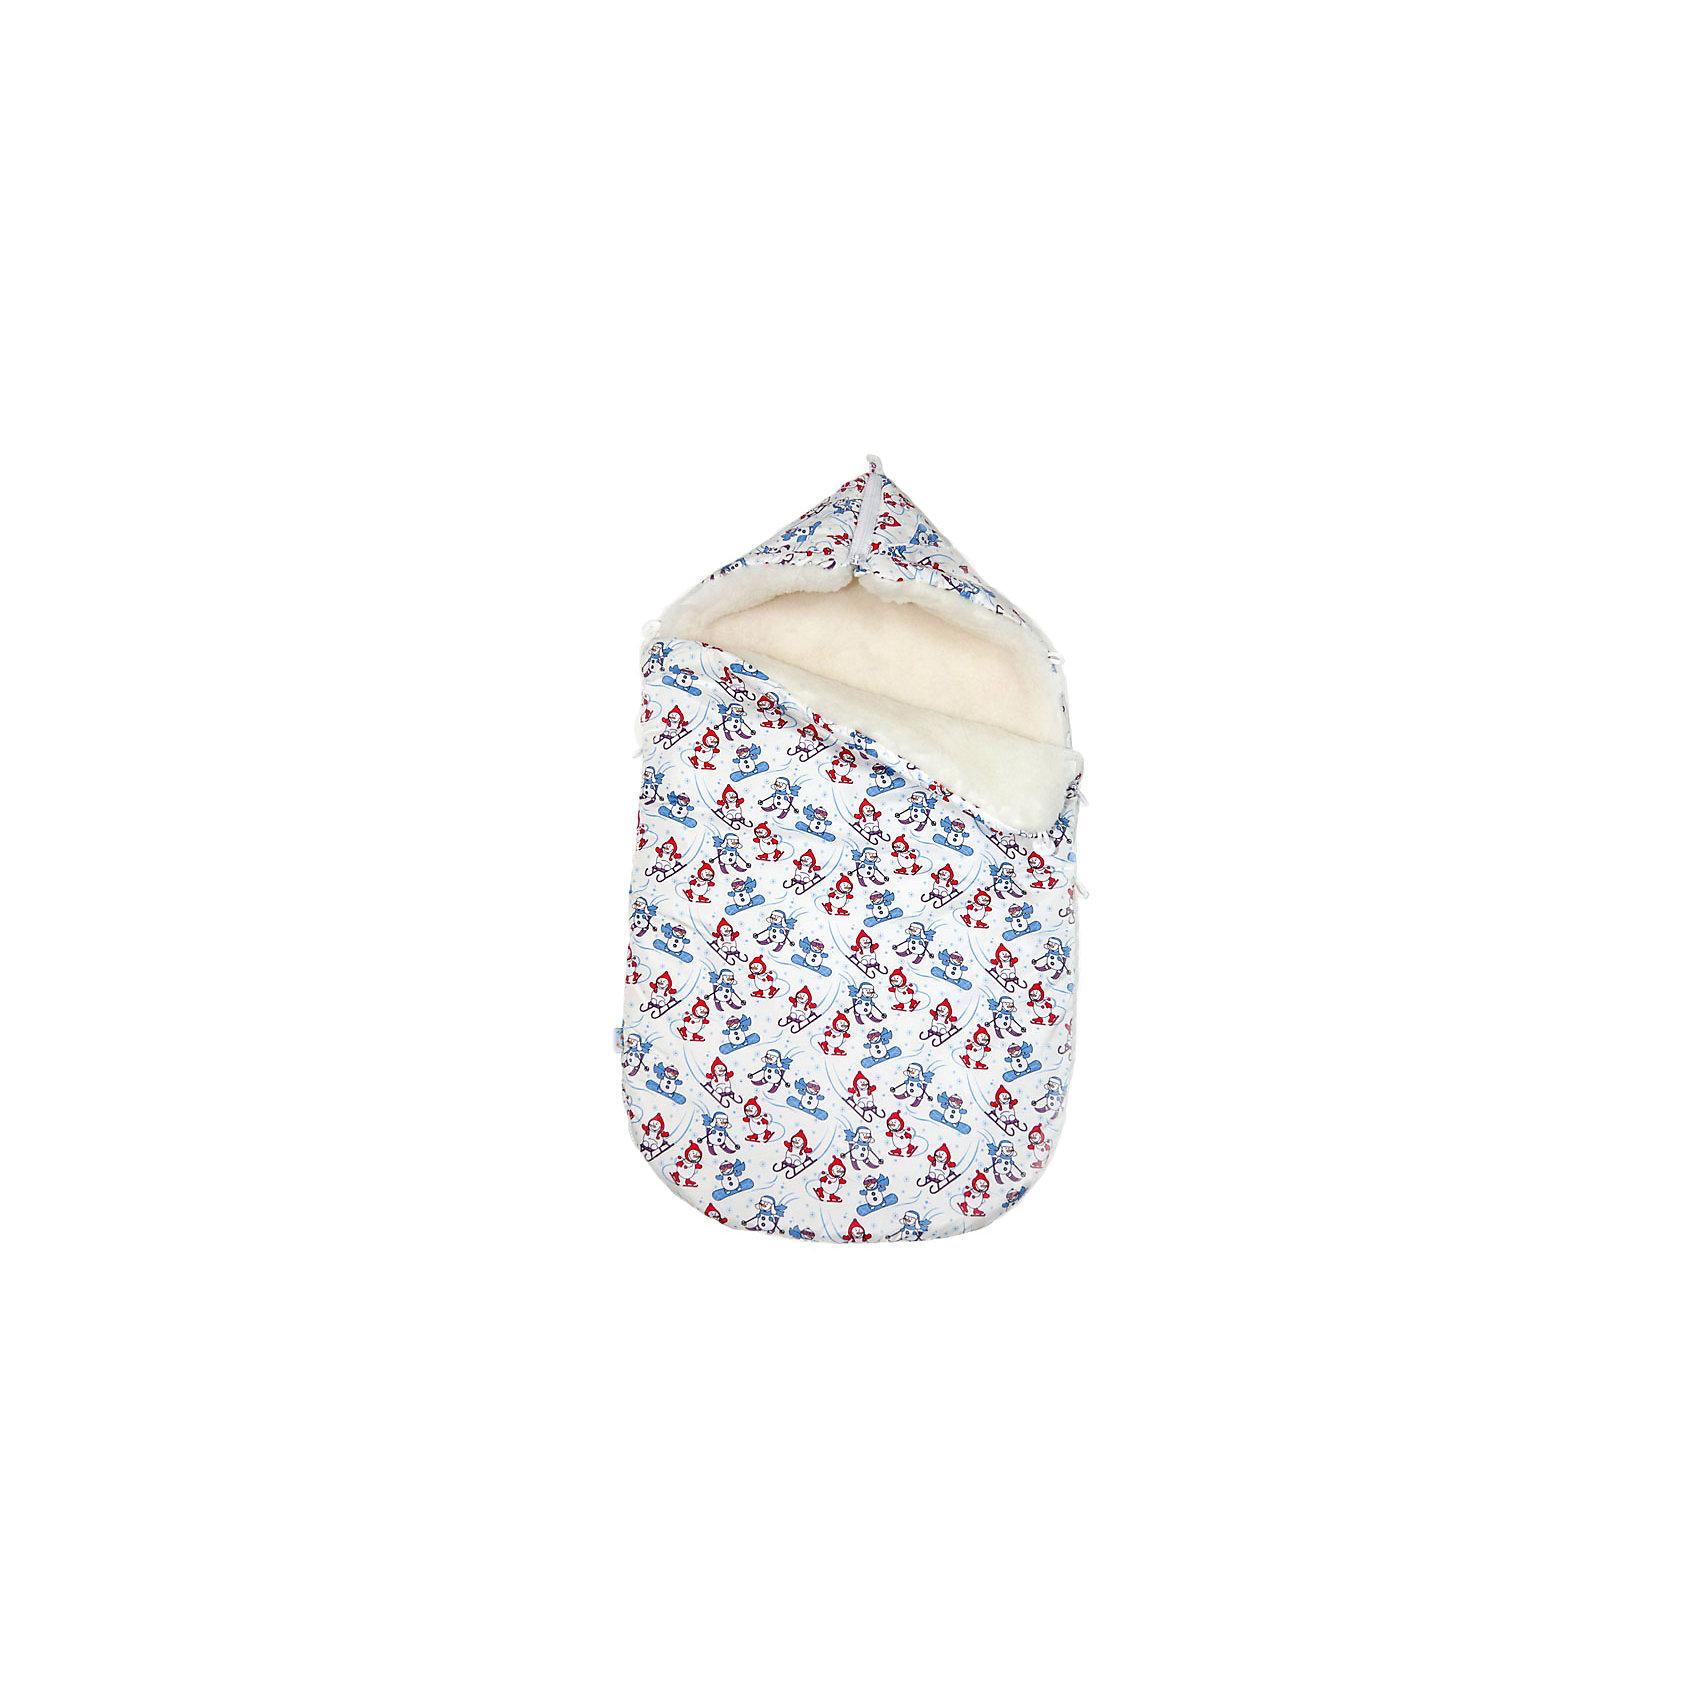 Зимний конверт Снеговик, Топотушки, голубойПодходит для малышей с рождения и до 7-ми месяцев.<br>Конверт «Снеговик» - подойдёт как для выписки малыша из роддома, так и для дальнейших прогулок на руках и в коляске. Продуманный дизайн с ярким рисунком неповторим и трогателен.<br>Мягкий, теплый и уютный, согреет малыша в зимние холодные месяцы во время прогулок, обеспечив ему максимальный комфорт и уют. Конверт изготовлен из влагостойкой ткани, которая надежно защищает от промокания и в тоже время обеспечивает циркуляцию воздуха внутри изделия. Конверт легко и удобно расстёгивается по бокам, при помощи двух молний для быстрого и удобного доступа к малышу. Поэтому, когда вы со спящим ребенком вернетесь с прогулки, вам совсем необязательно его будить, доставая из конверта, а достаточно расстегнуть молнии по бокам, распахнуть конверт, оставить малыша досыпать и спокойно можно ждать, когда ребенок проснется уже сам.<br>Конверт трансформируется в плед или теплый матрасик, который можно использовать в прогулочной коляске или в санках.<br><br>Ширина мм: 780<br>Глубина мм: 450<br>Высота мм: 40<br>Вес г: 300<br>Возраст от месяцев: 0<br>Возраст до месяцев: 7<br>Пол: Мужской<br>Возраст: Детский<br>SKU: 5086350